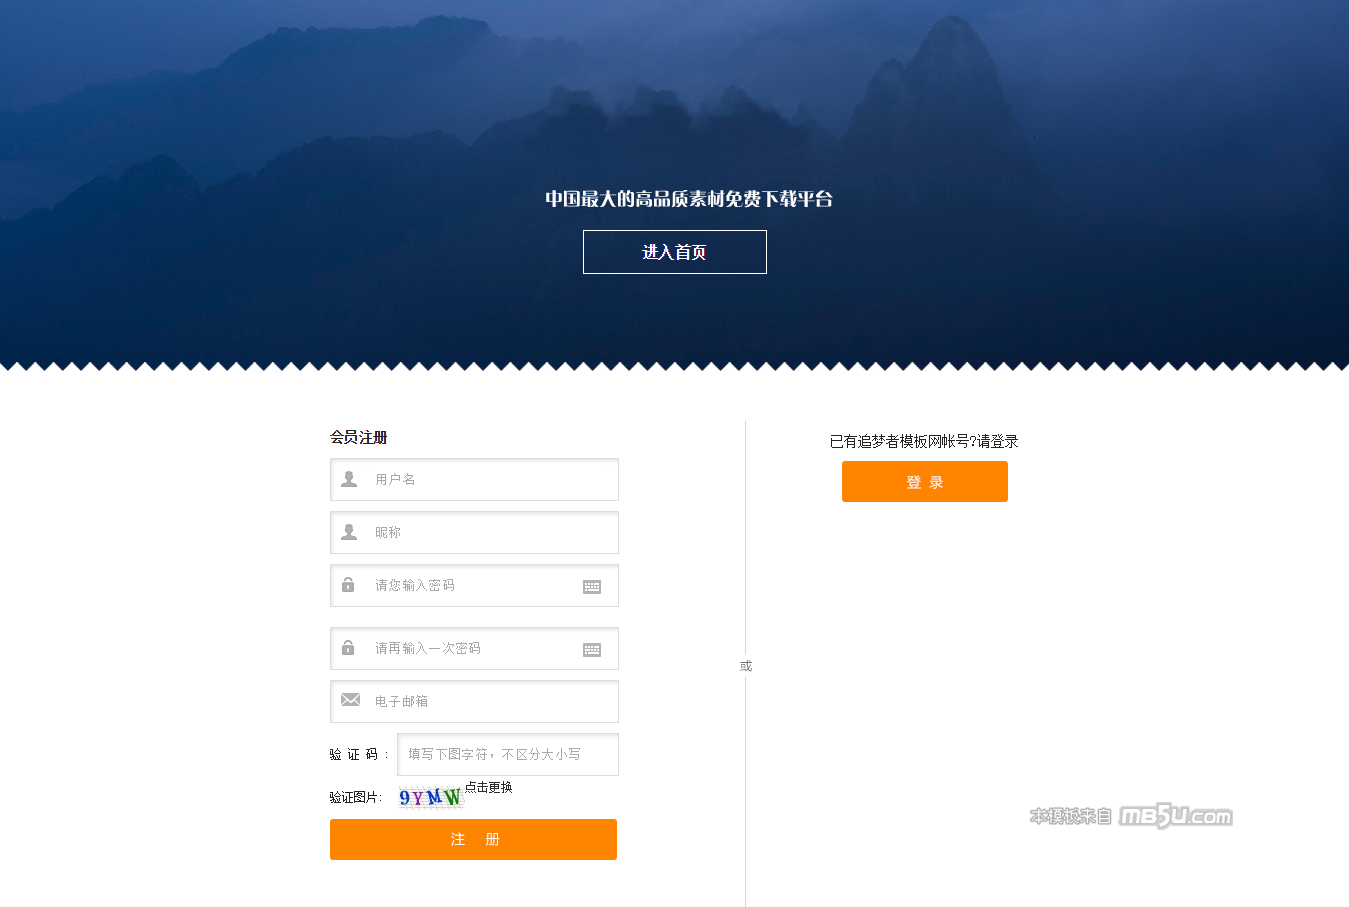 dede网页模板网站素材图片素材下载站模板